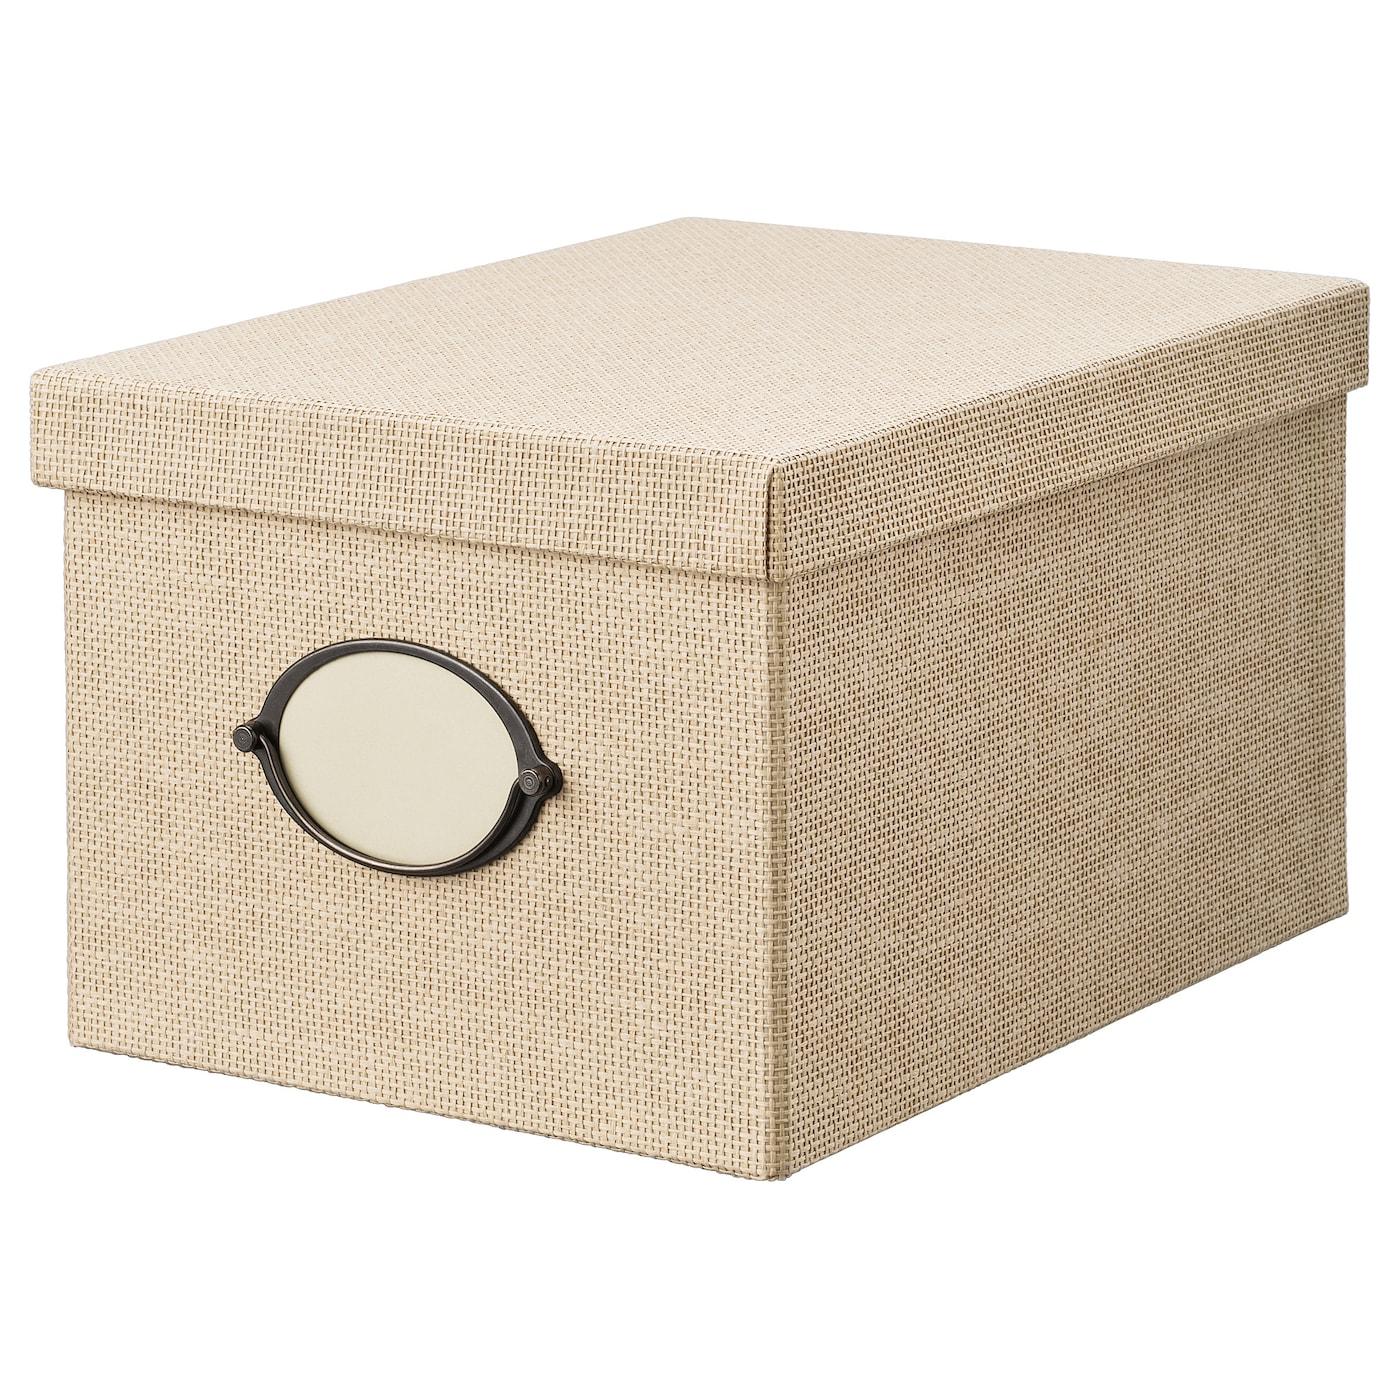 IKEA KVARNVIK Kasten mit Deckel - 35 x 25 x 20 cm - beige